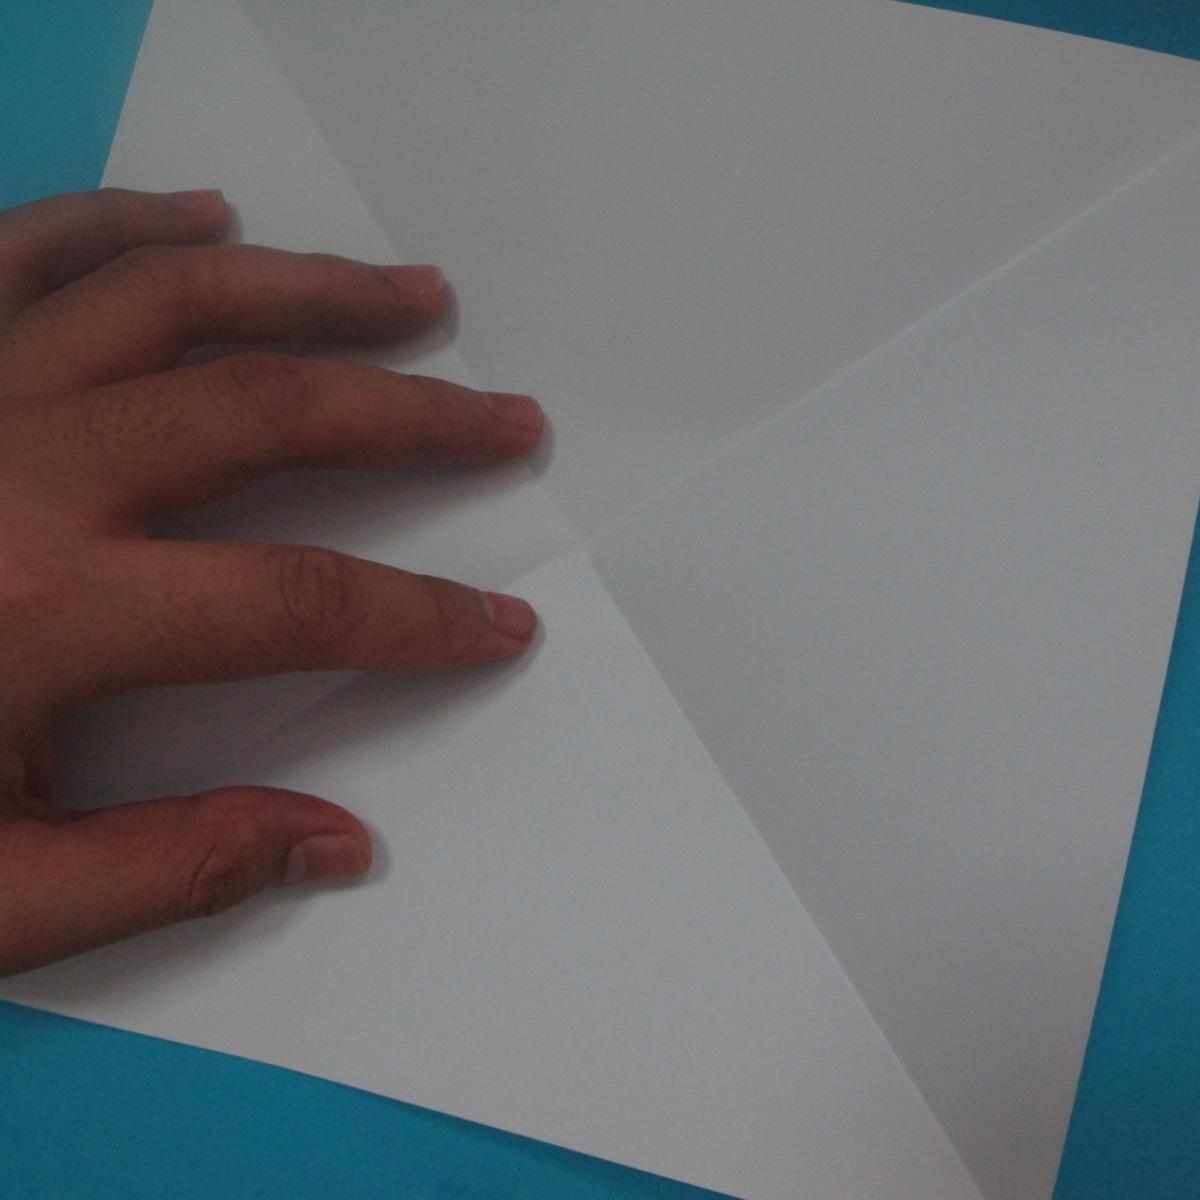 วิธีการพับกระดาษเป็นนกเพนกวิ้น 002